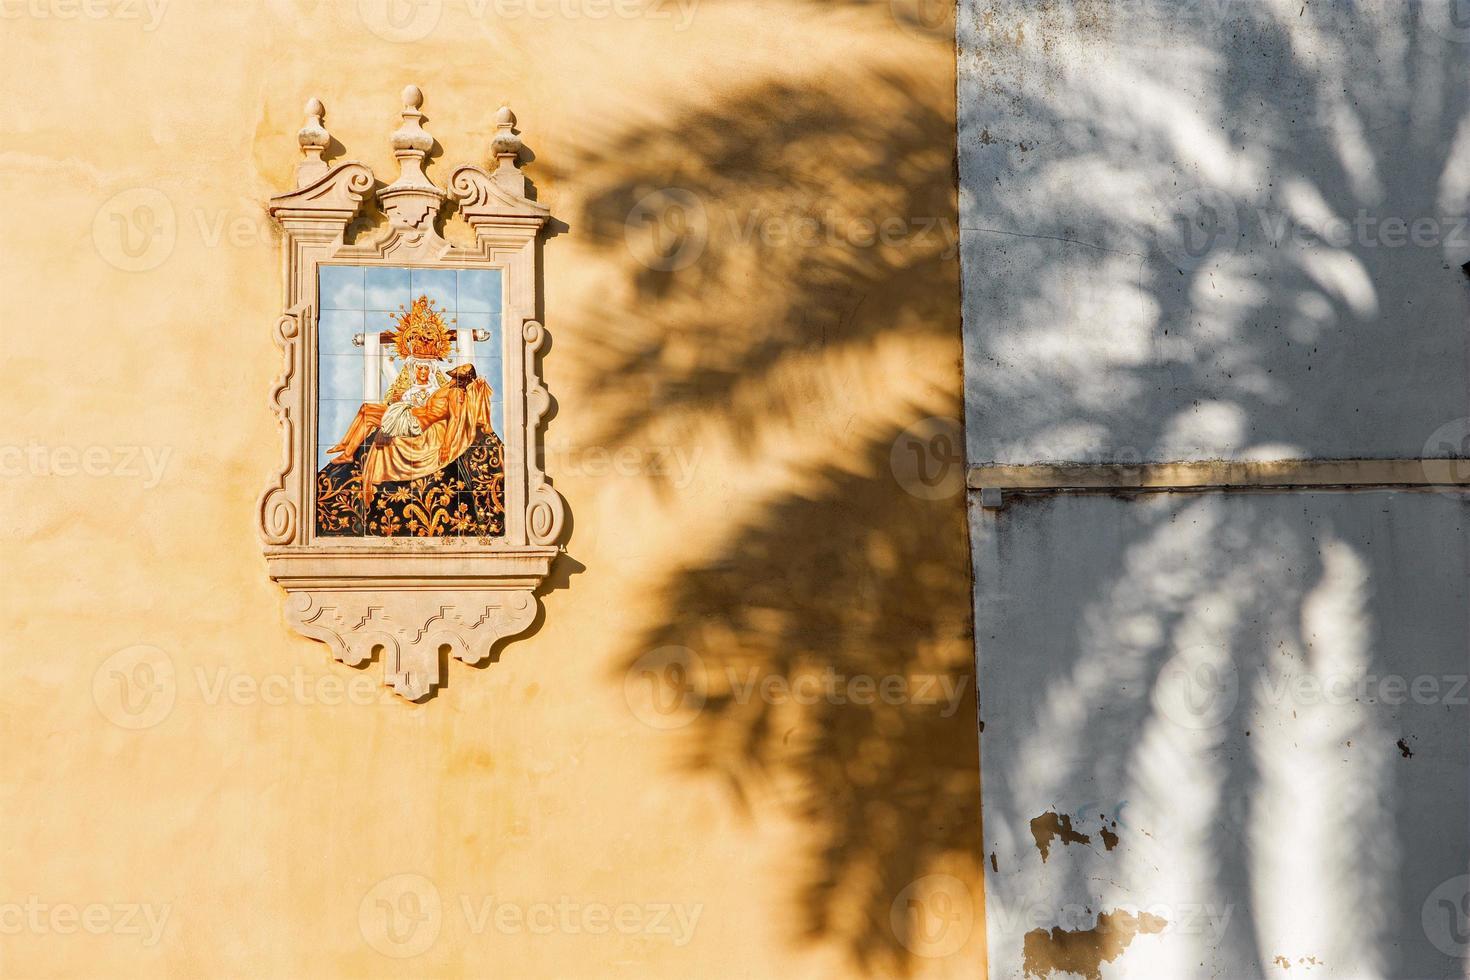 cordoba - Pietà con piastrelle di ceramica sulla facciata della chiesa foto